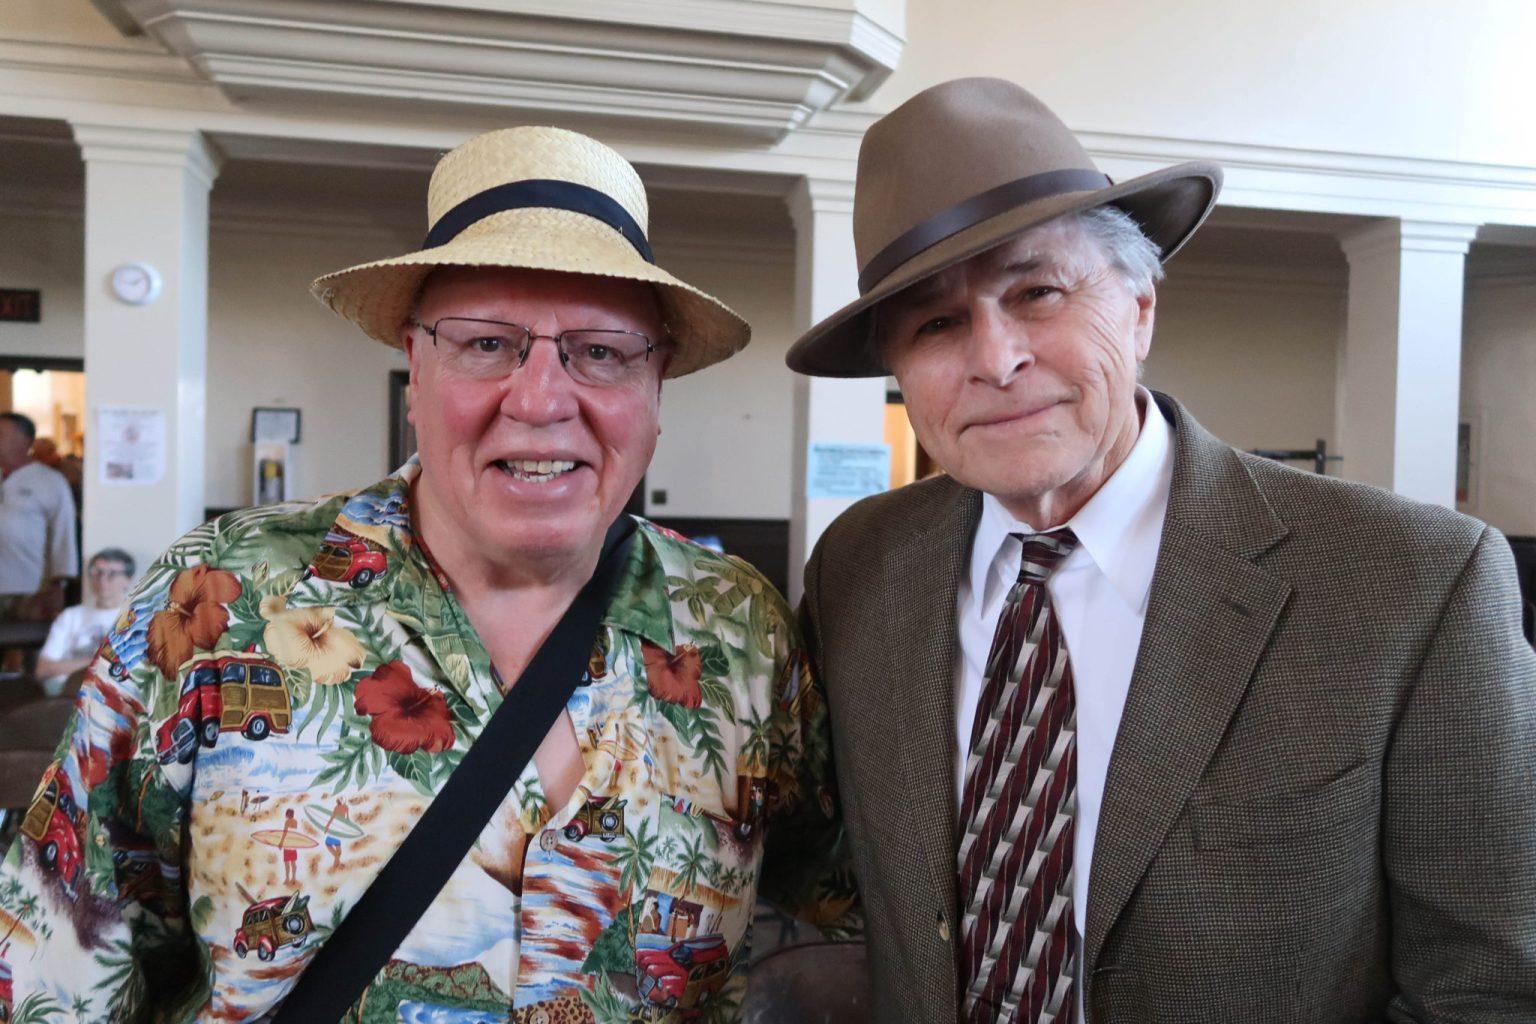 Alan Bowker and Sam Van Zandt